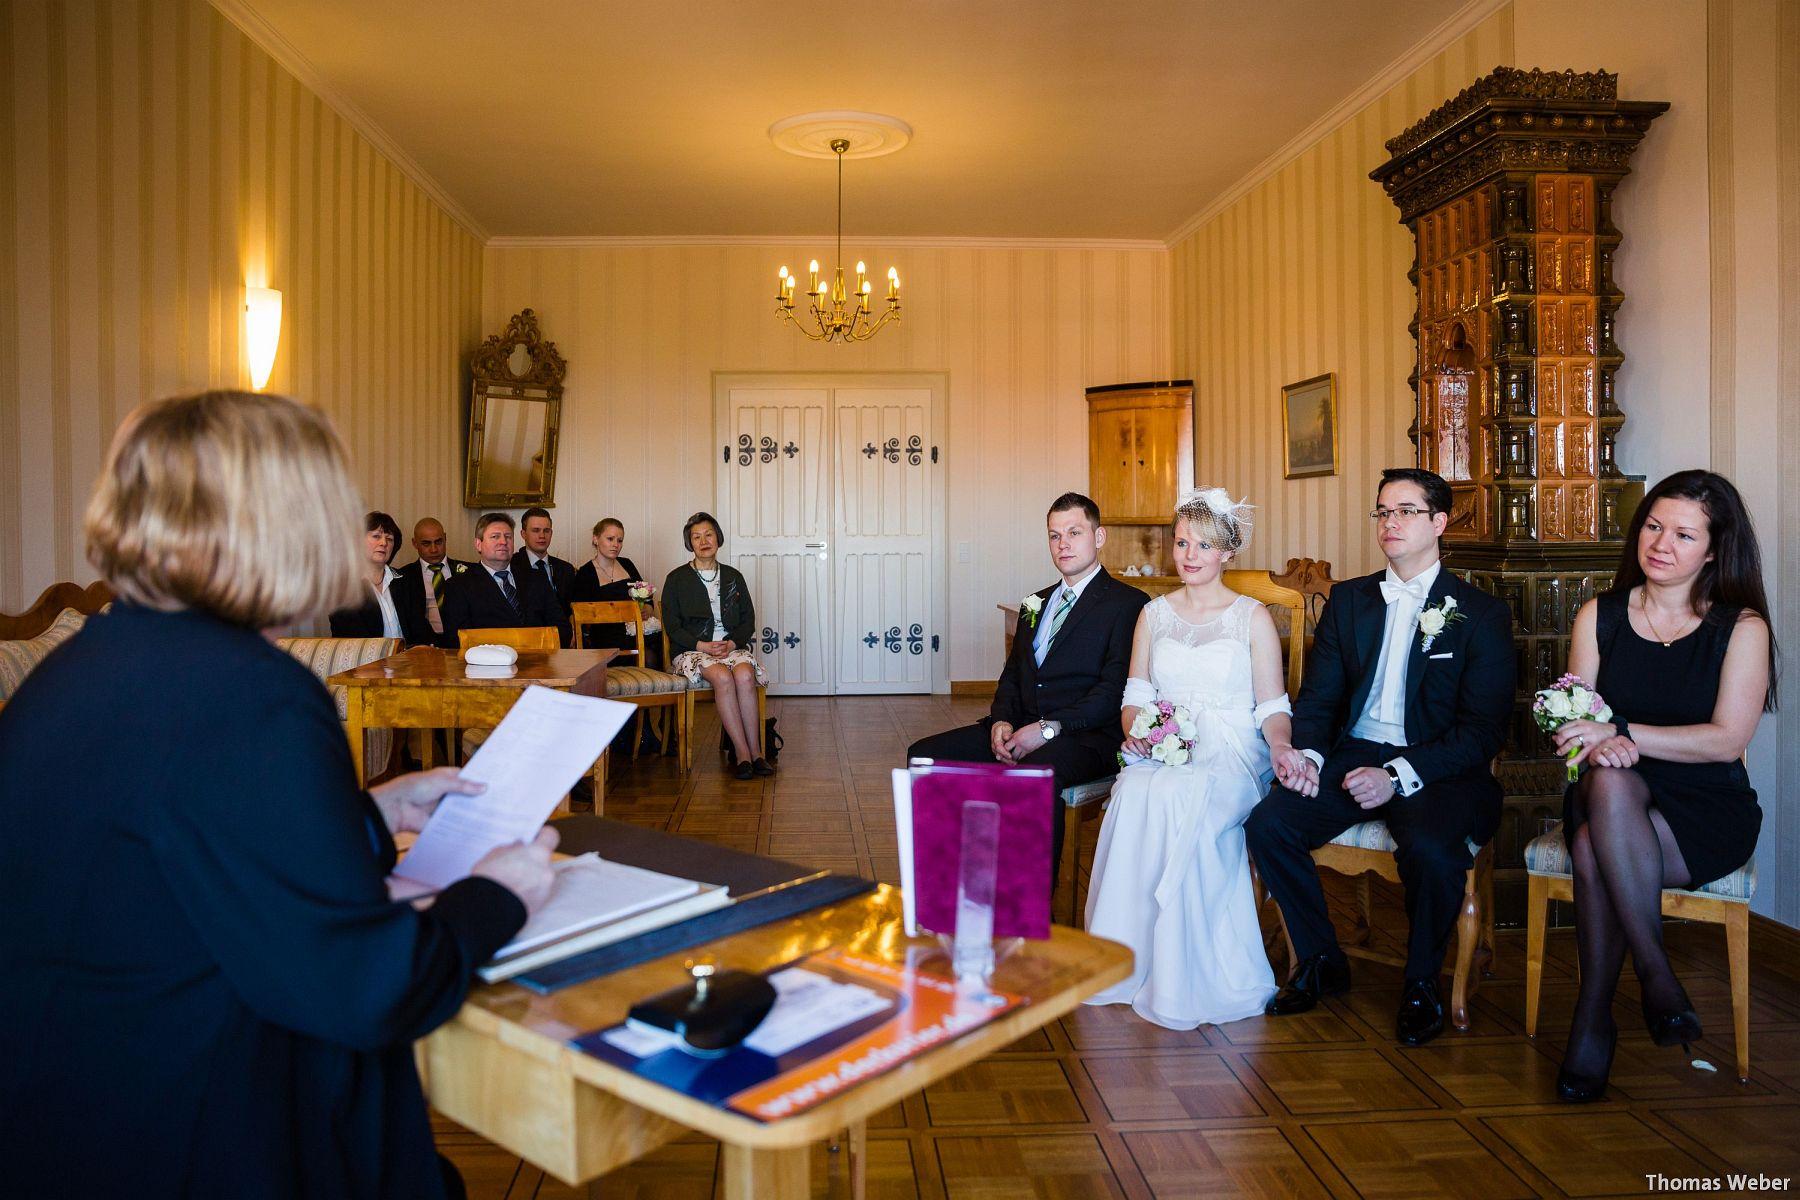 Hochzeitsfotograf Goslar: Standesamtliche Trauung in der Kaiserpfalz in Goslar (Harz) (26)